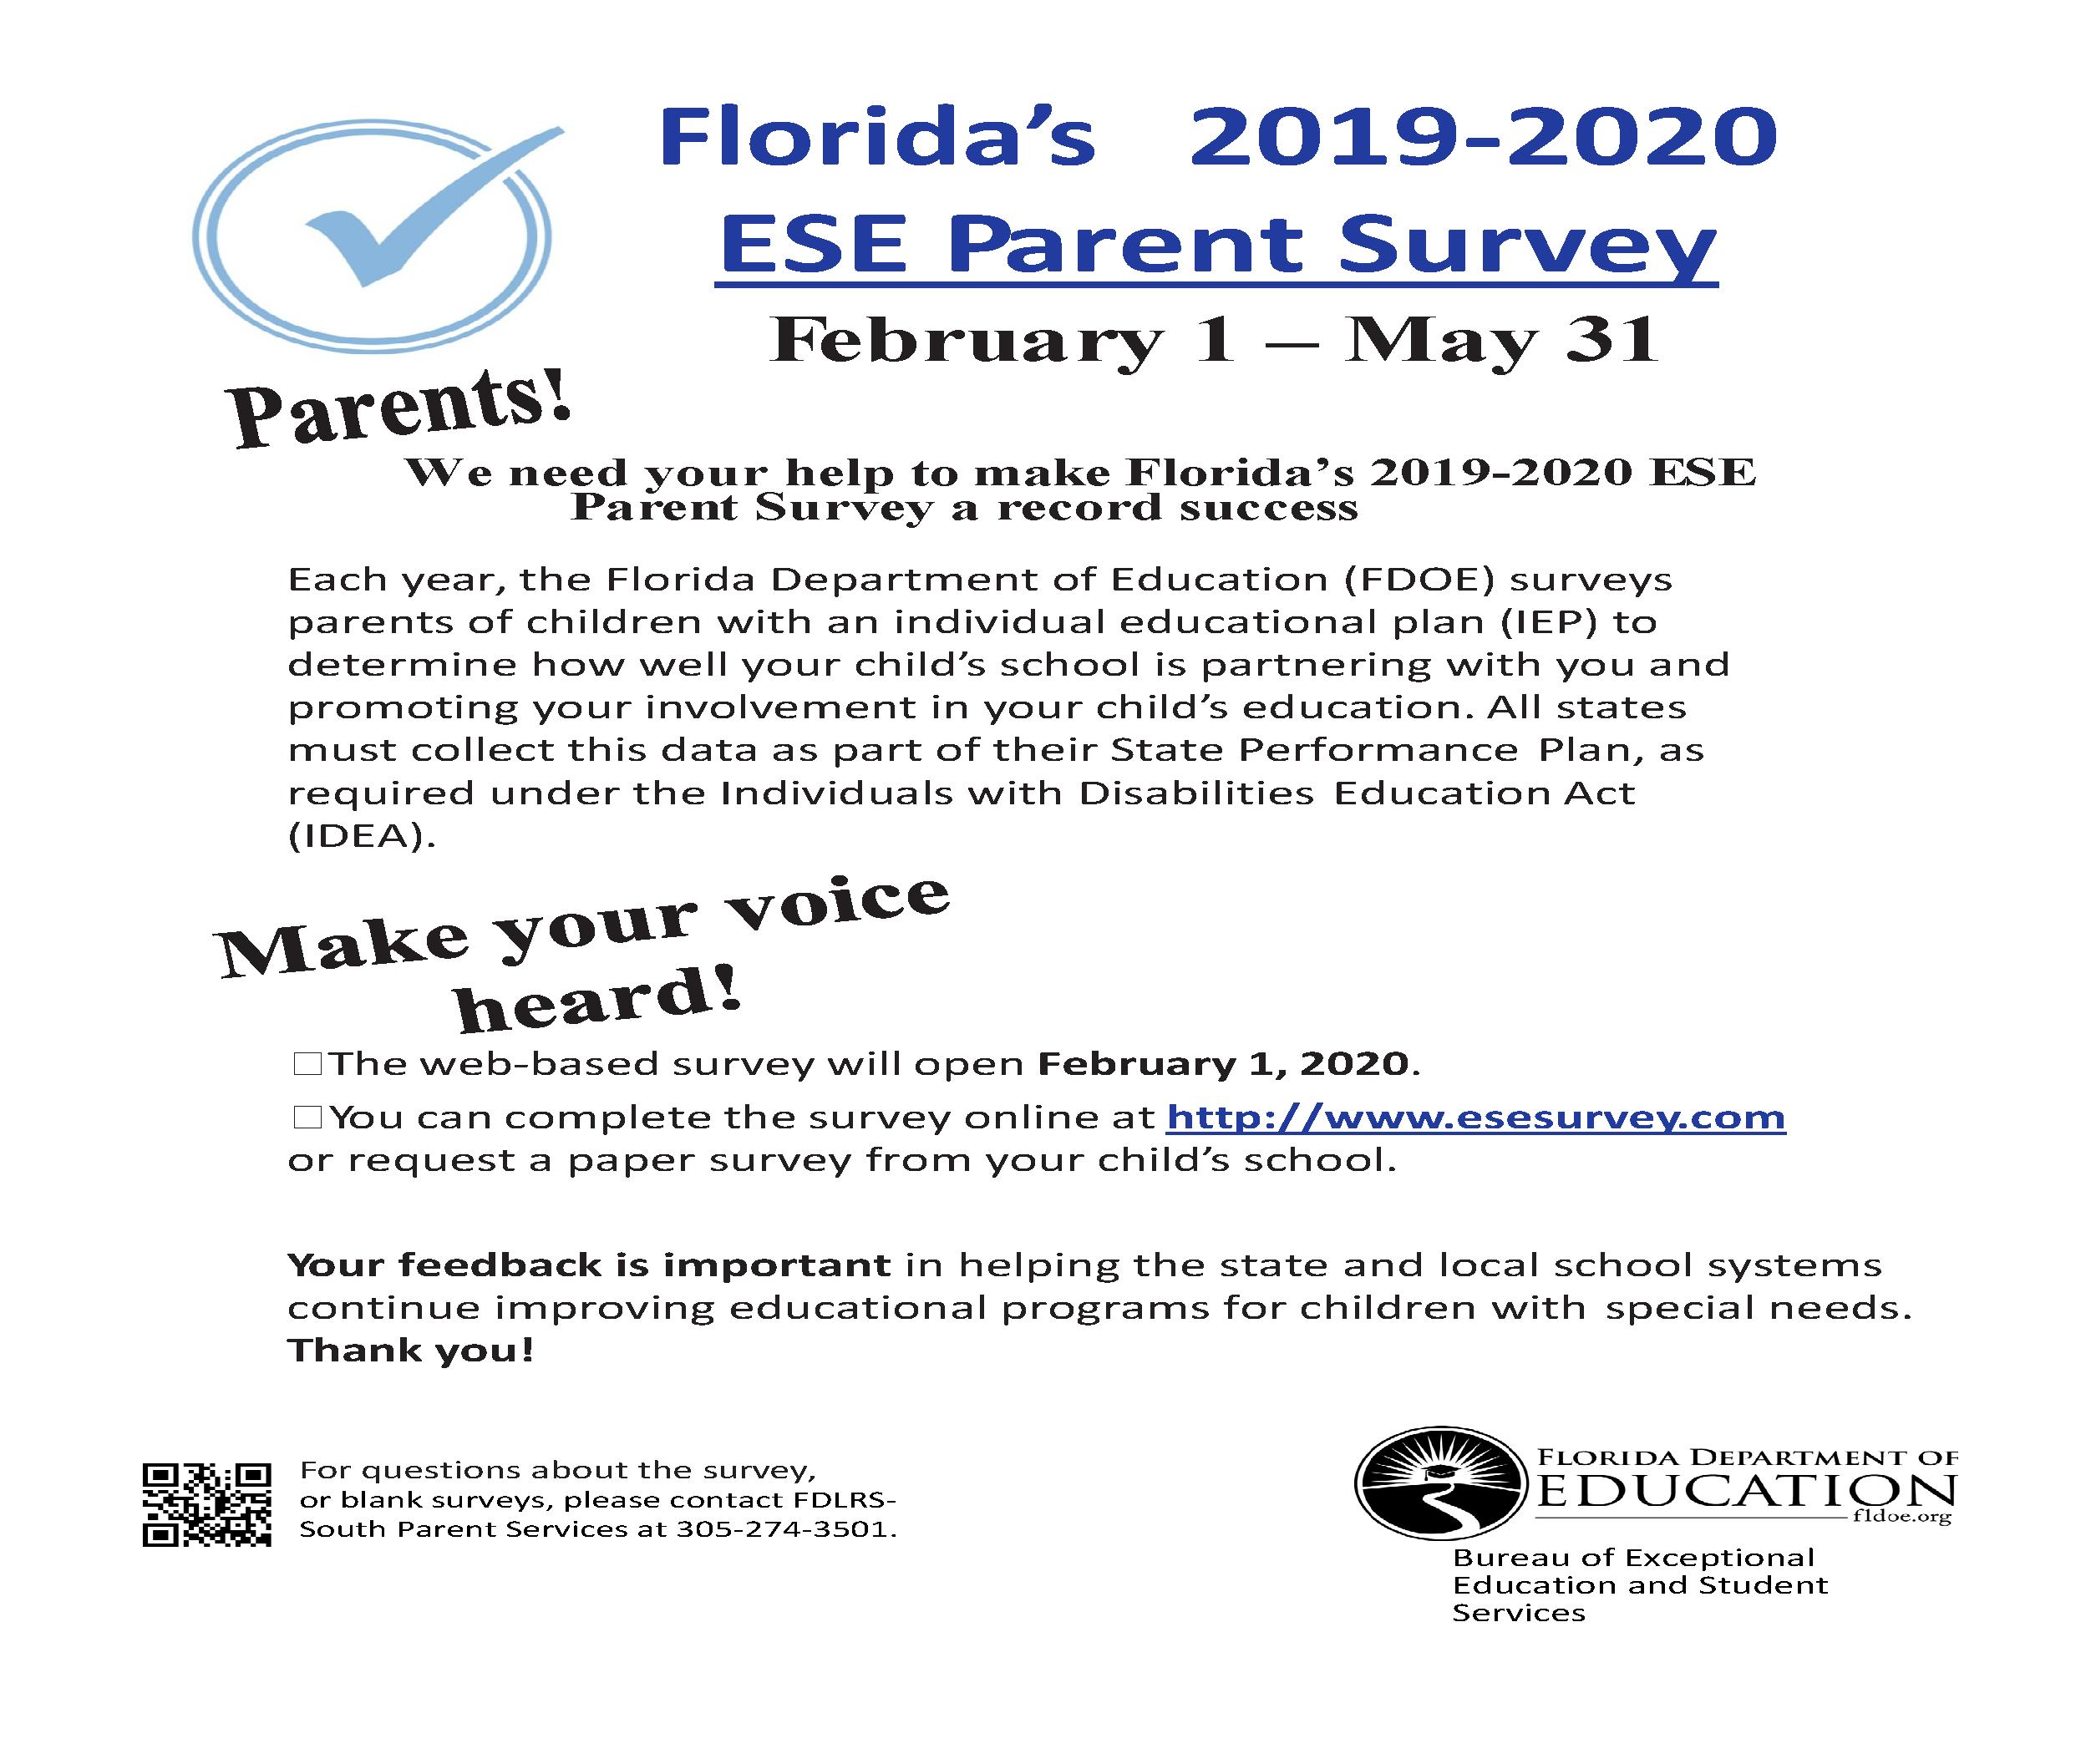 2019-20 ESE Parent Survey Flyer-English